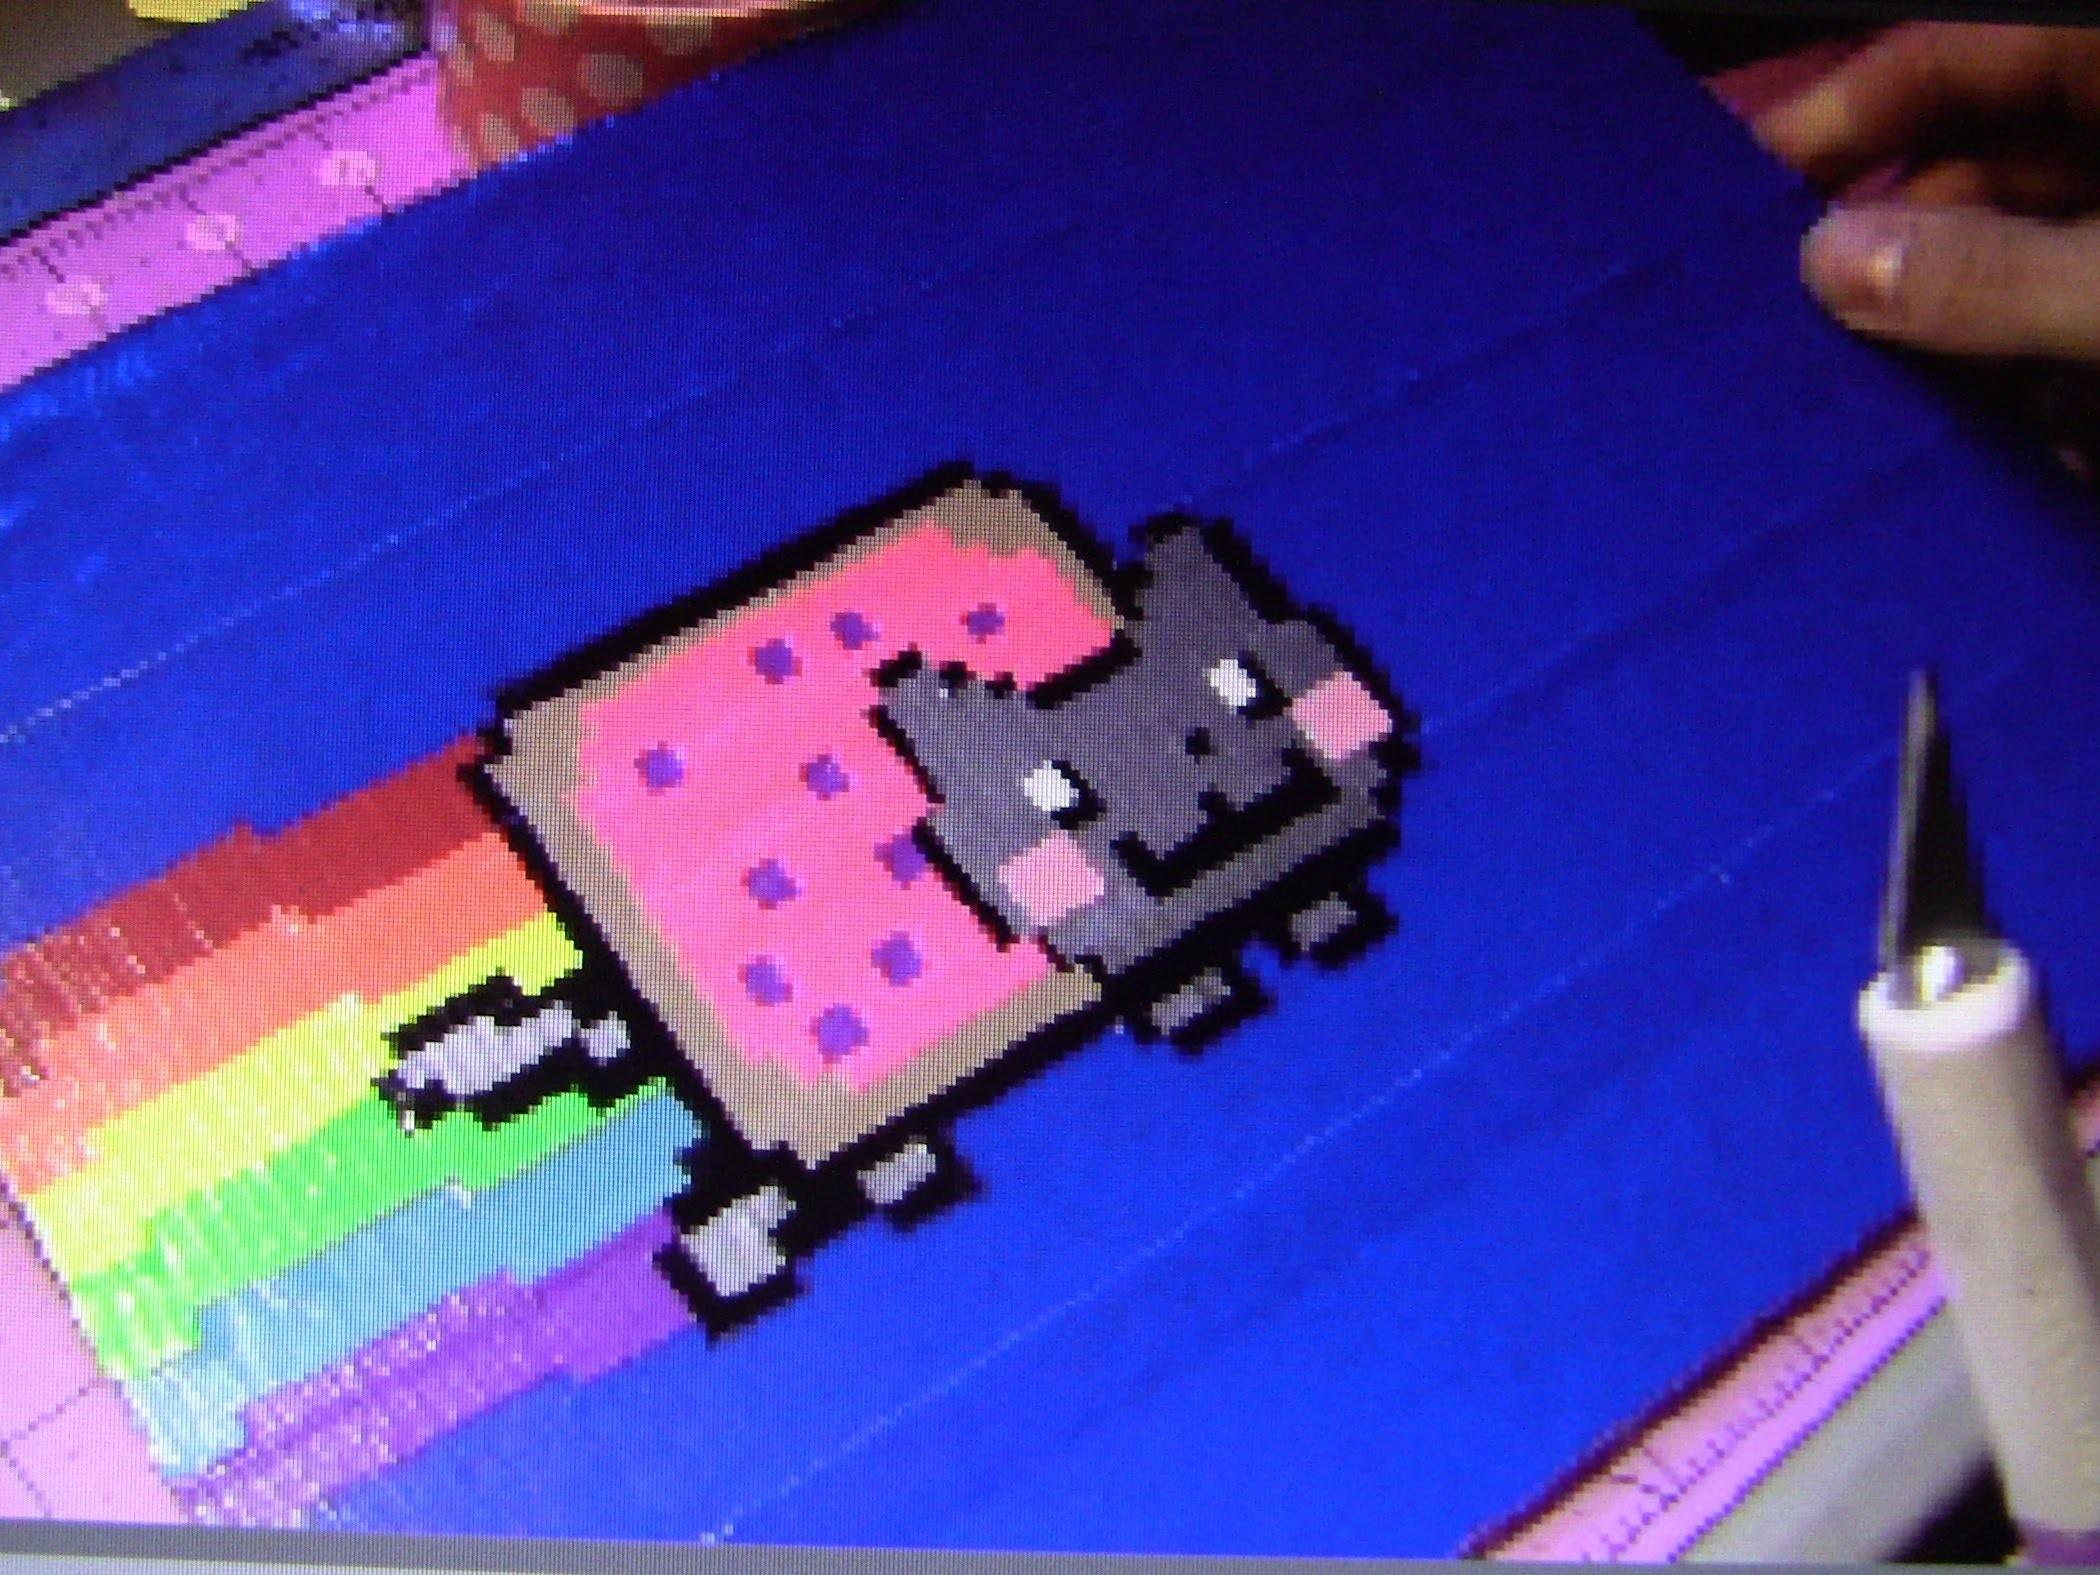 Nyan Cat Time Lapse!